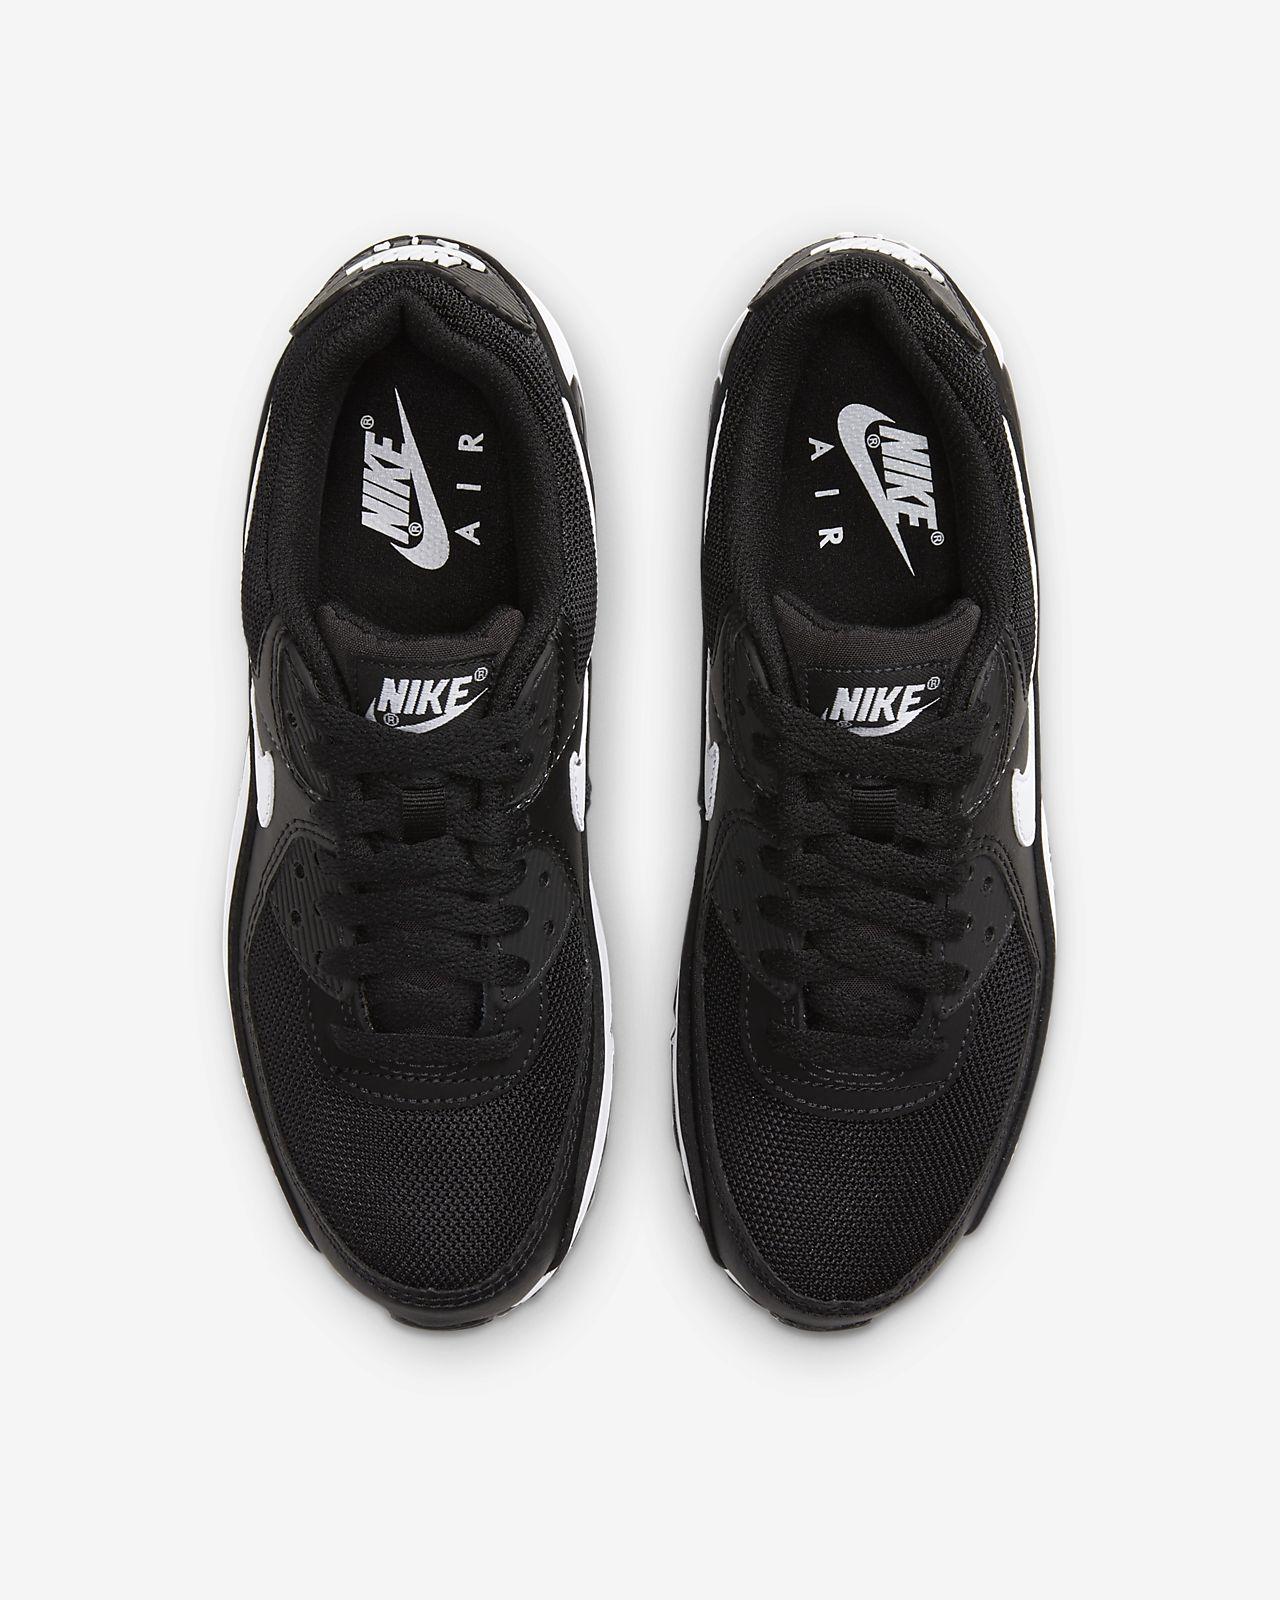 Sverige Nike Air Max 90 360 Kvinna Man Skor Black Black